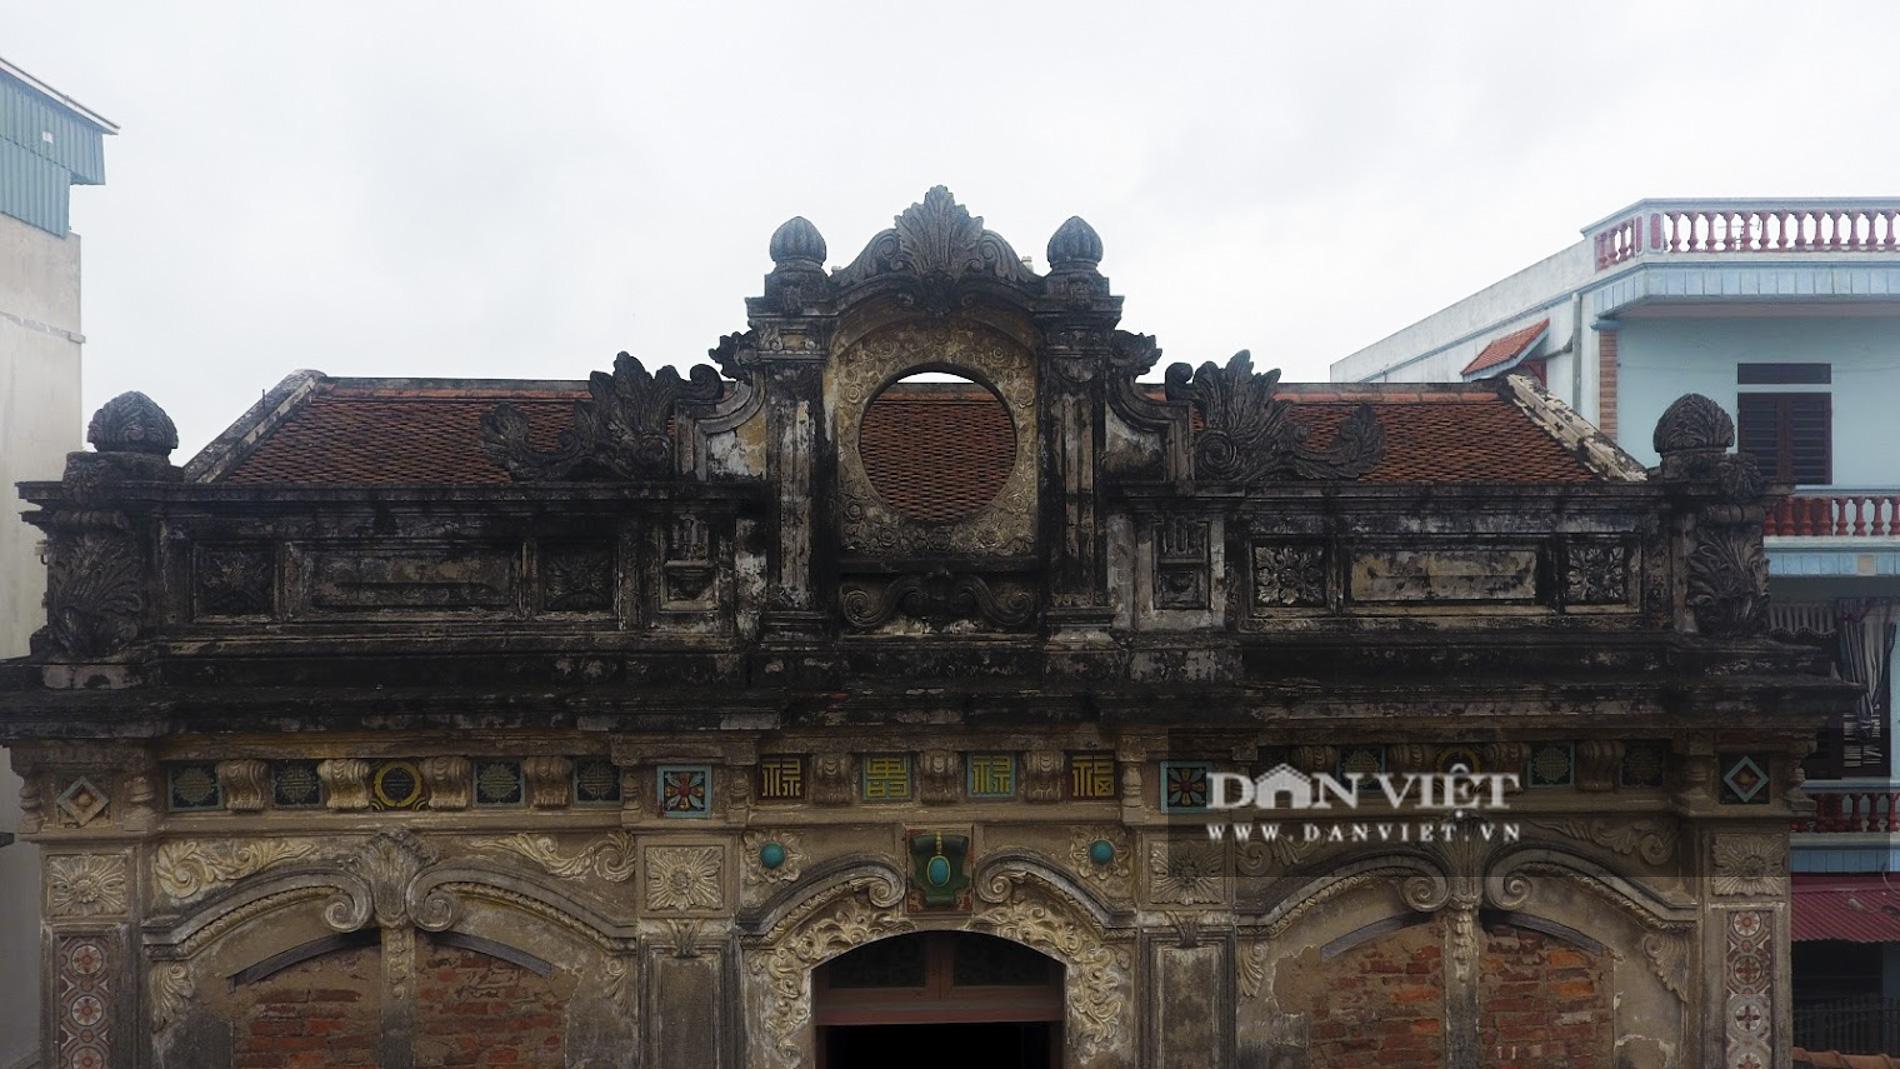 Căn biệt thự Pháp cổ 100 tuổi của 'đại gia làng miến' nức tiếng Hà Nội xưa - Ảnh 4.